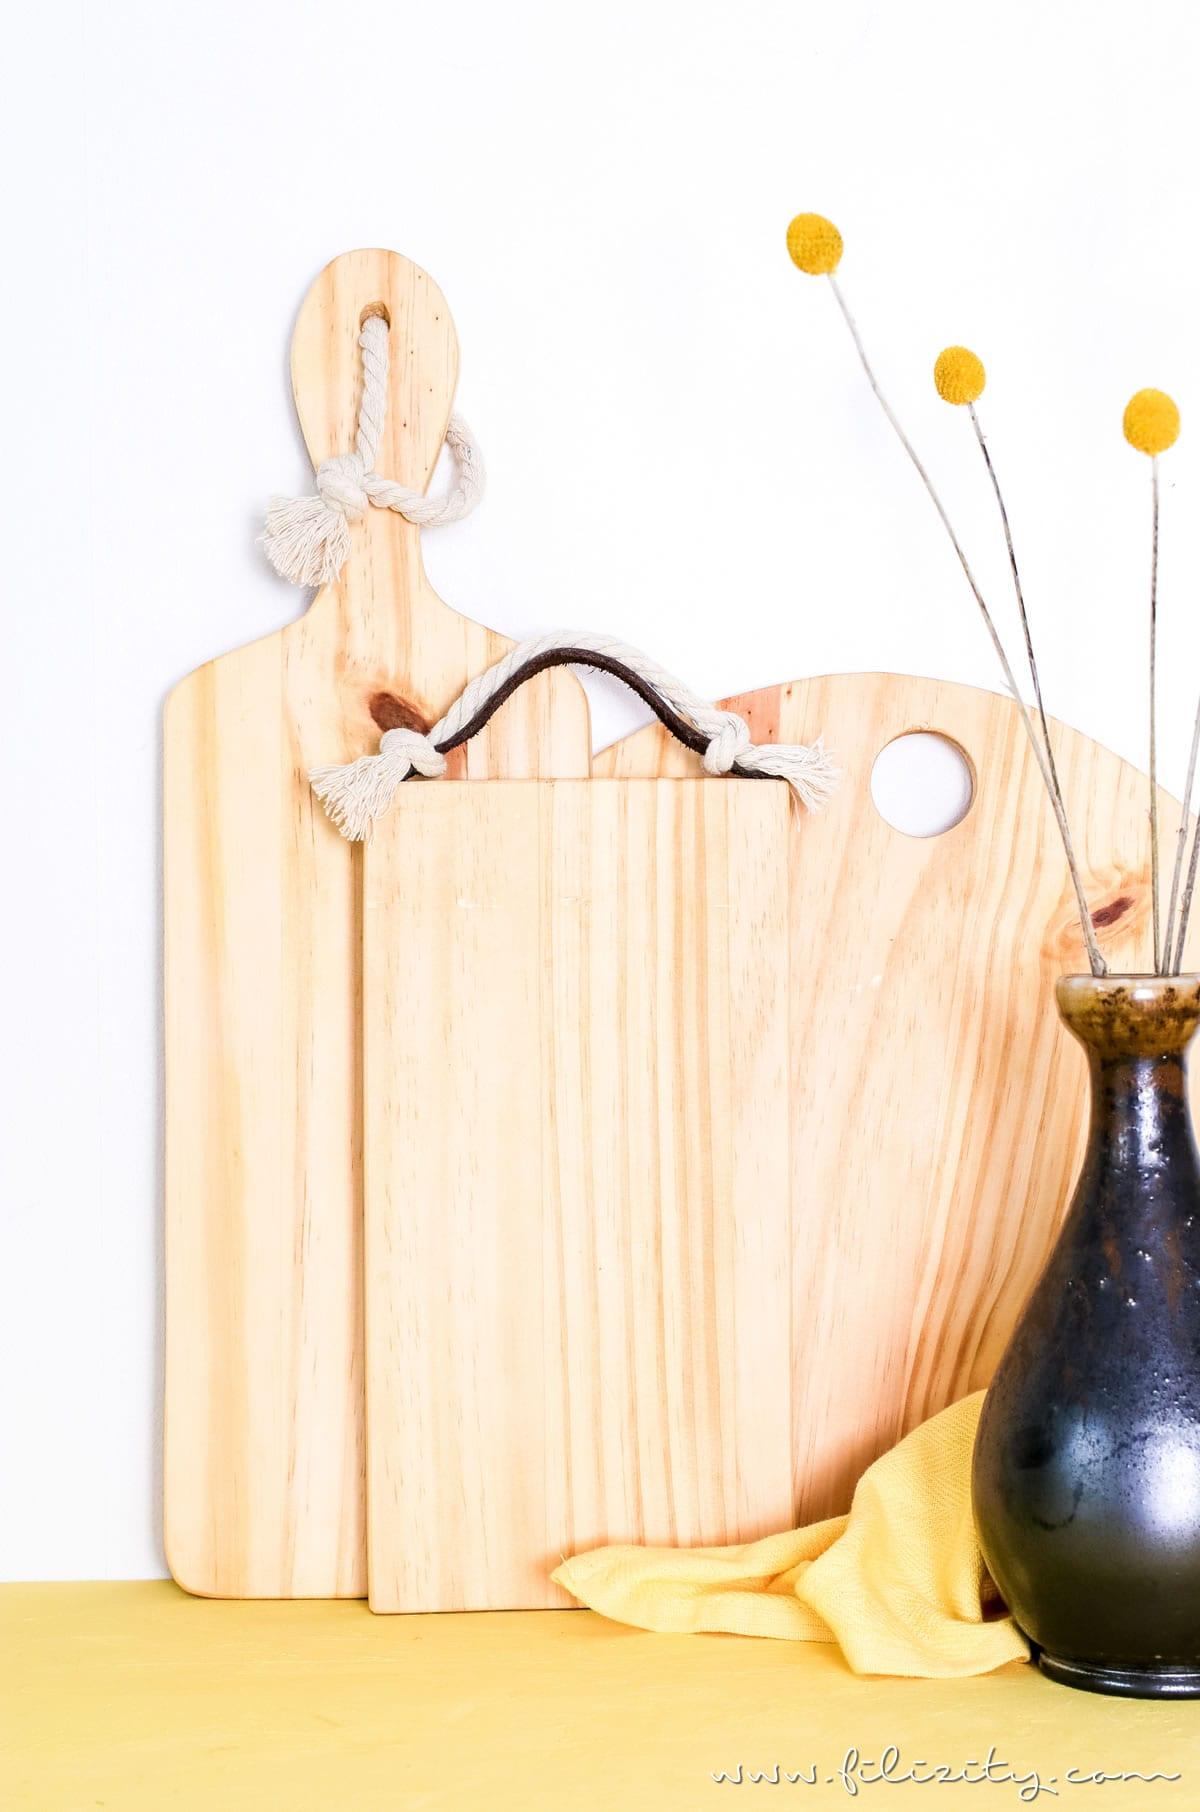 Full Size of Deko Küche Selber Machen Essplatz Arbeitsplatten Wandpaneel Glas Einbauküche Gebraucht Wandtattoo Anrichte Kleine Landküche Lüftung Barhocker Laminat In Wohnzimmer Deko Küche Selber Machen